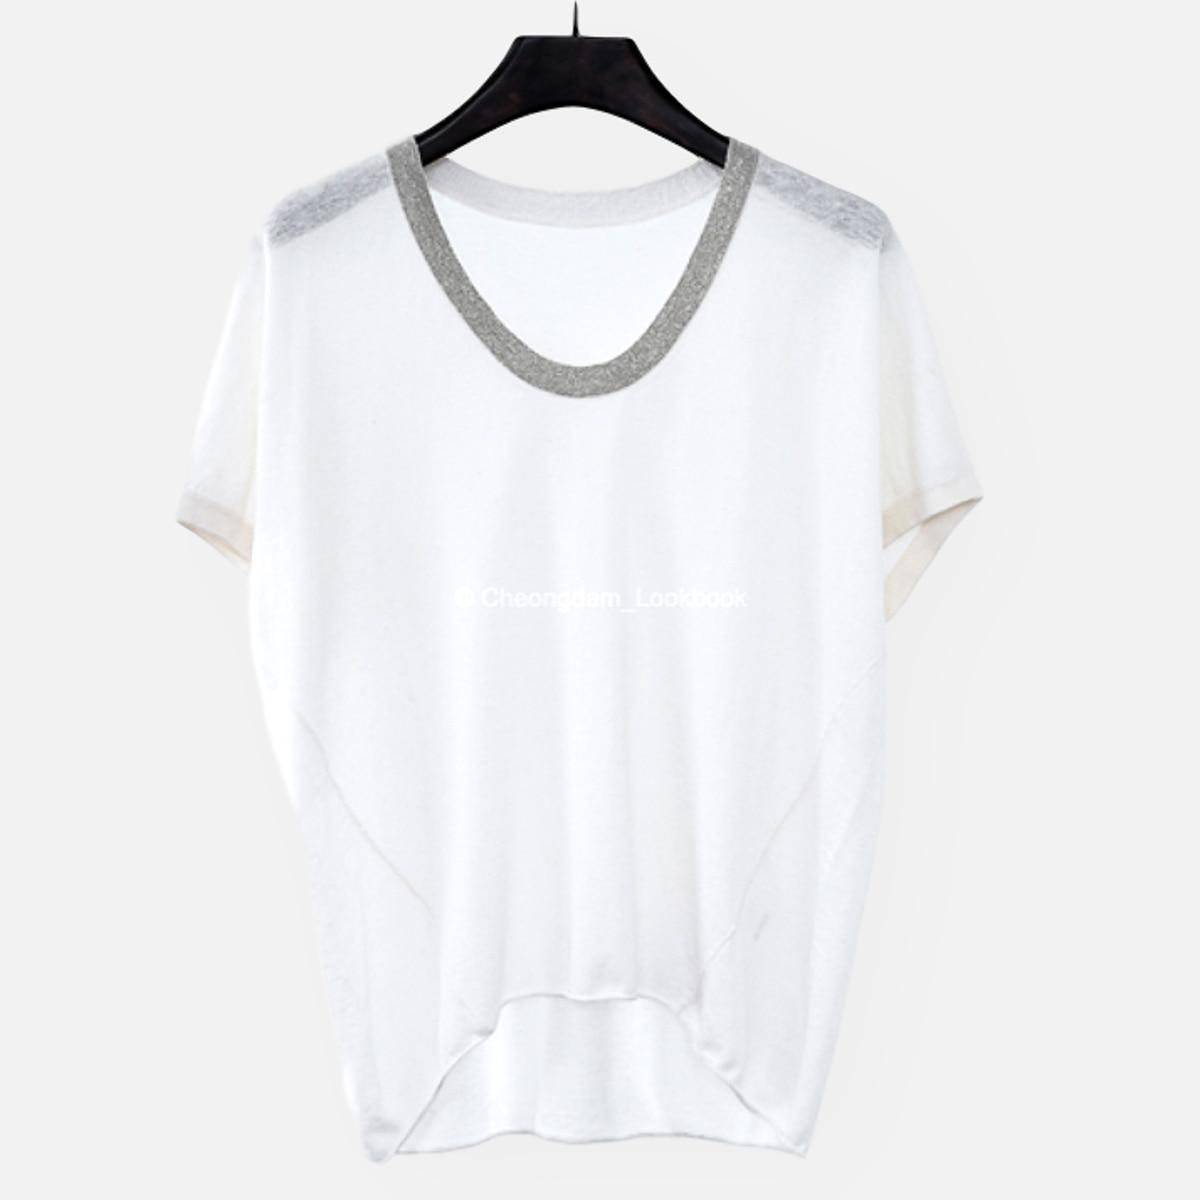 쿠치 비즈 U넥 티셔츠